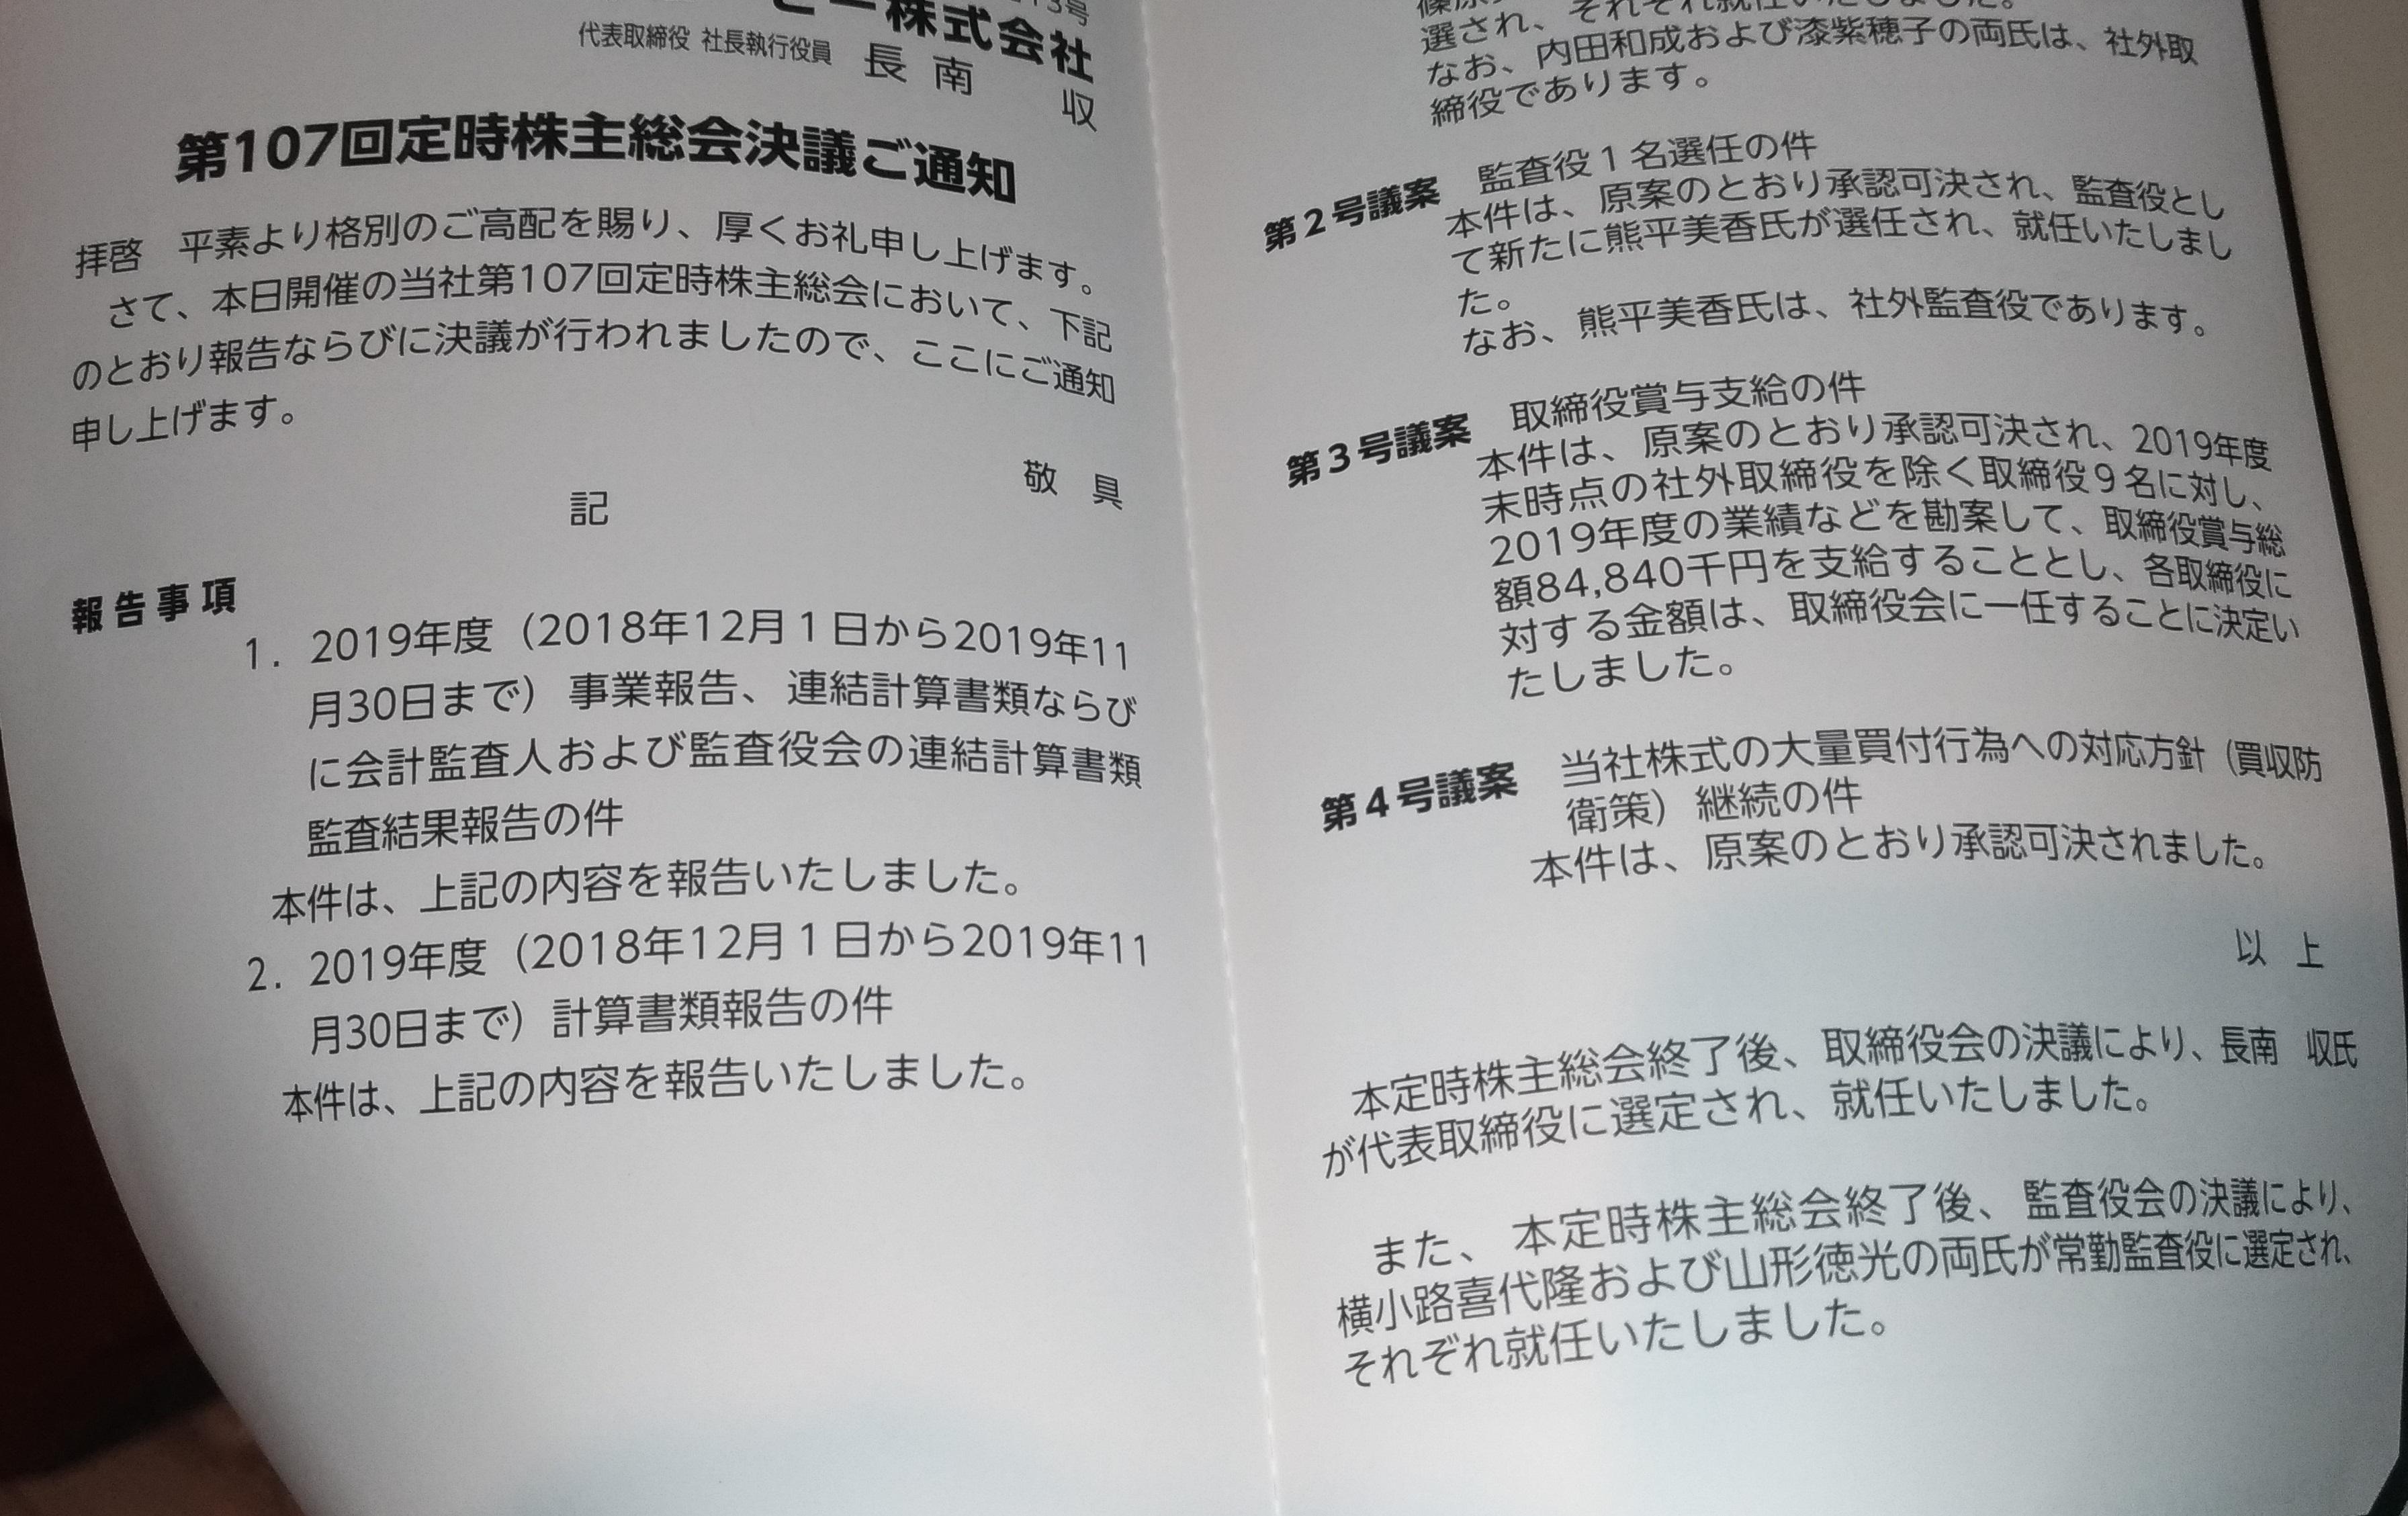 kyupi_kabu_2020_02_1.jpg